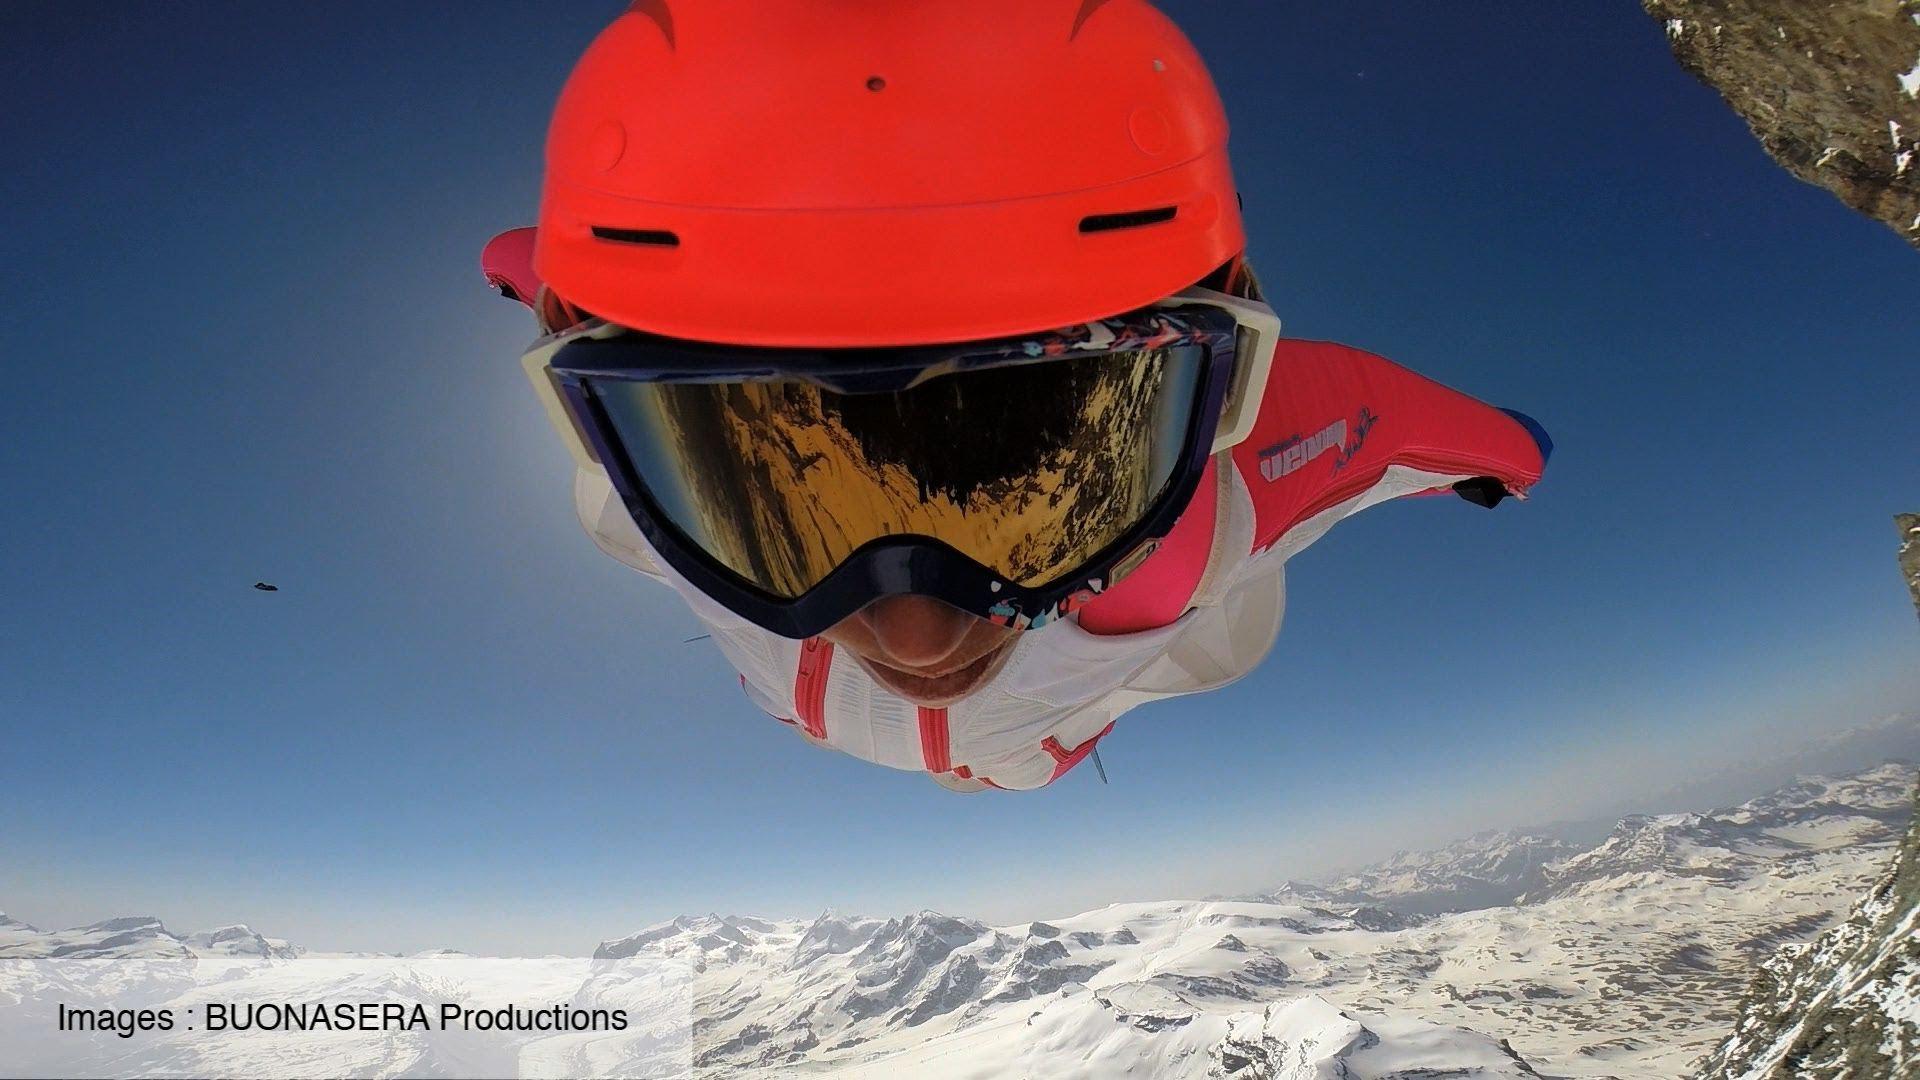 標高4478メートル!マッターホルンからウィングスーツでジャンプ!スリルがありすぎる!